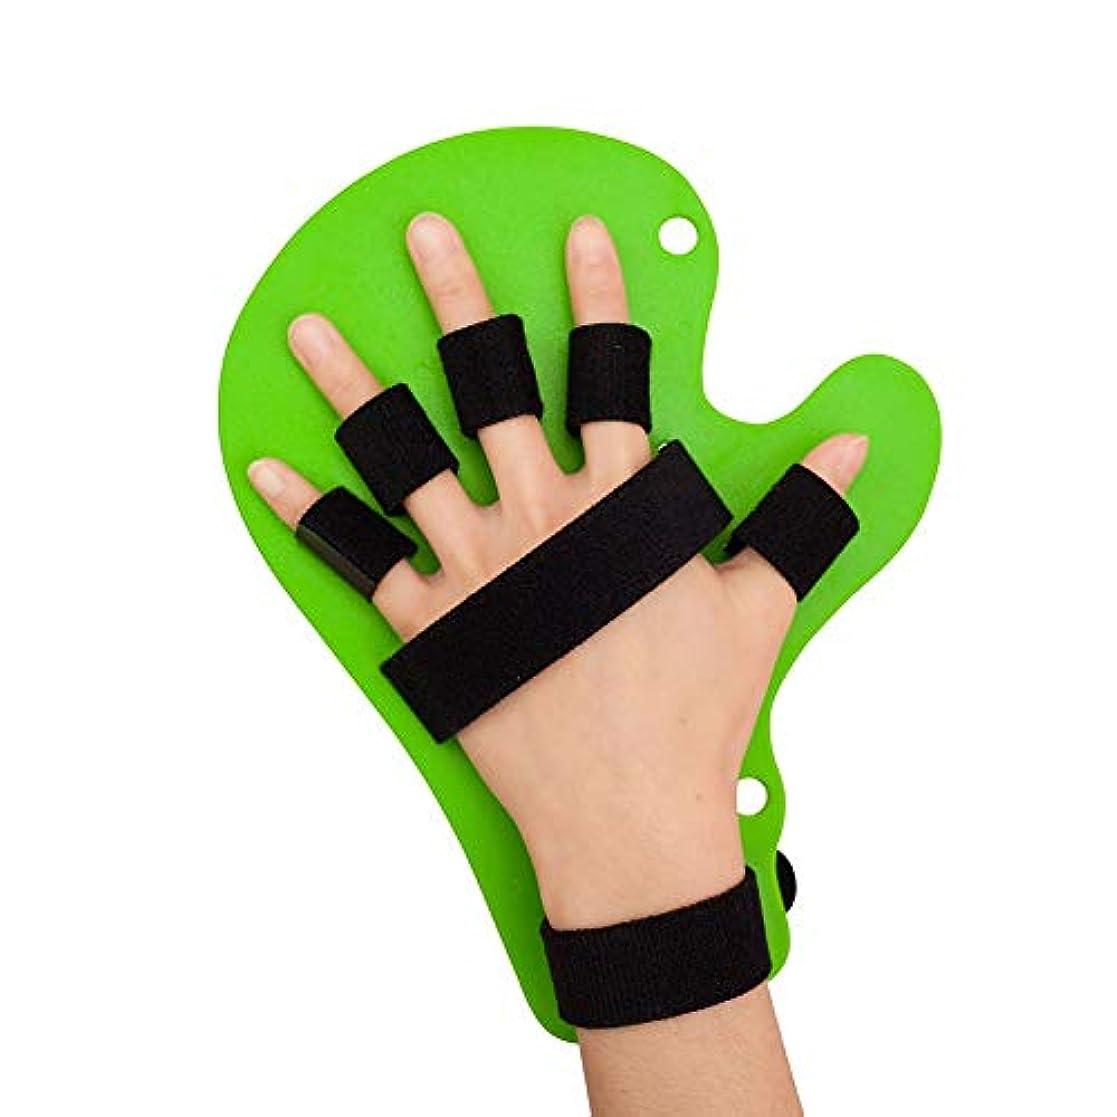 封建直径暗黙スプリント指指セパレーター、指スプリント指、指スタビライザーリストストラップ脳卒中片麻痺指のトレーニング機器を指 (Color : 緑)